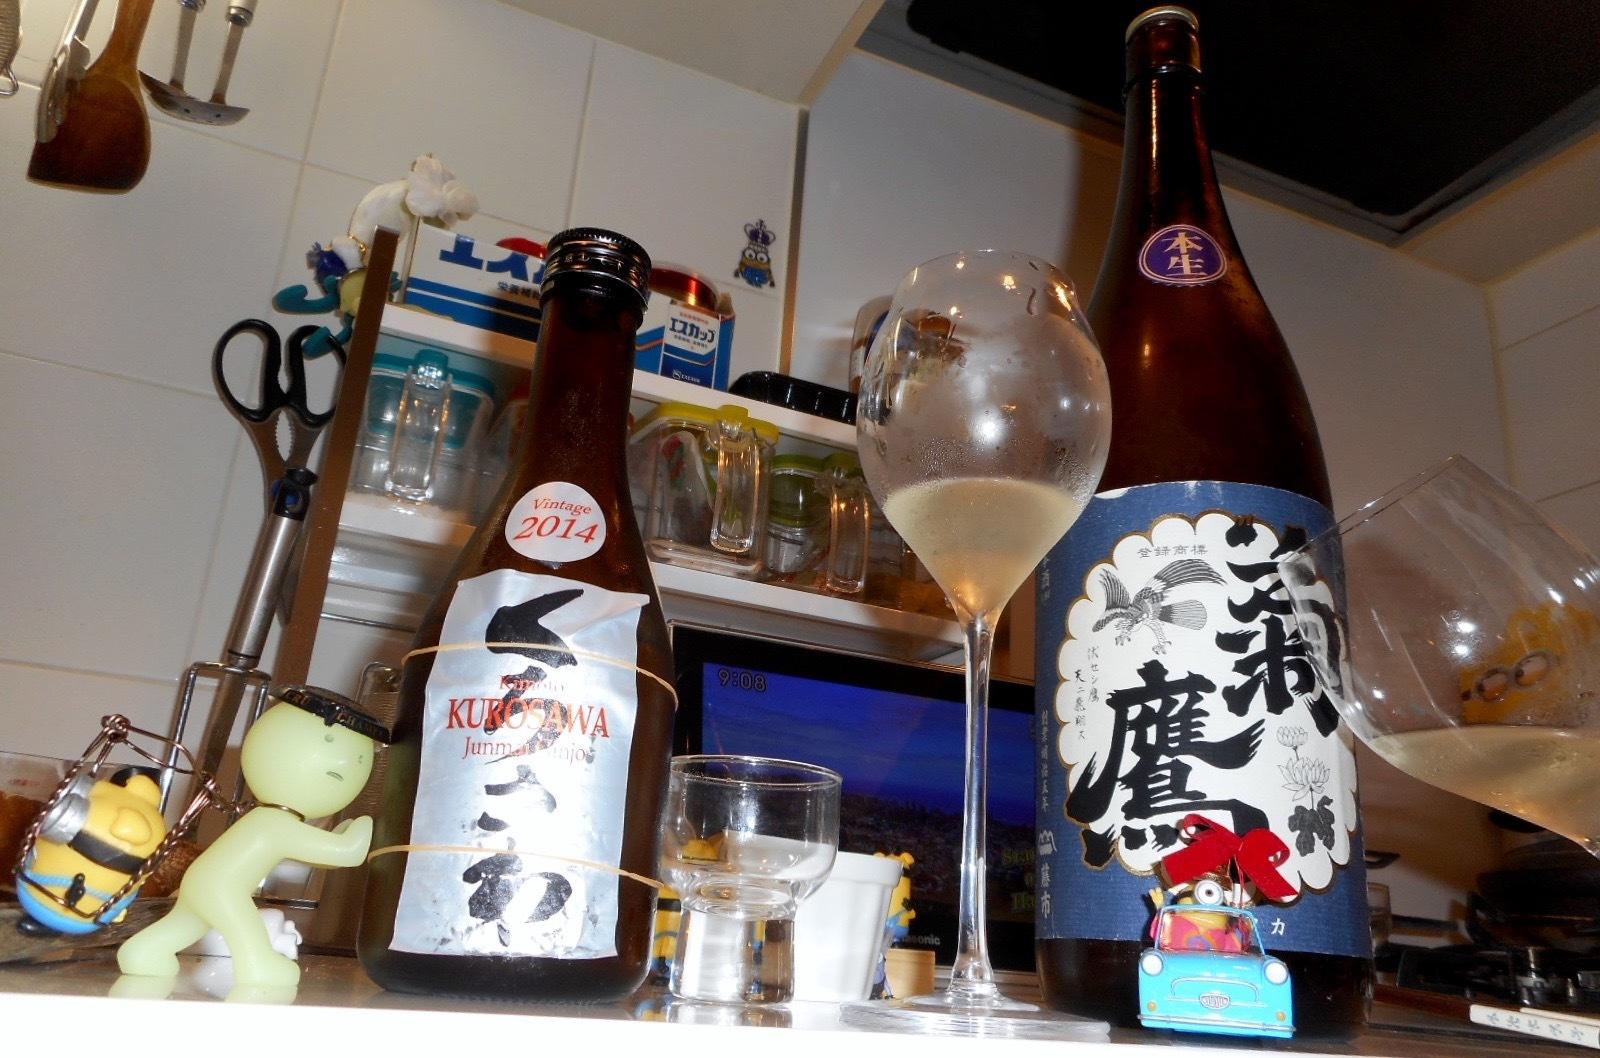 kikutaka_shifuku_nama28by7.jpg